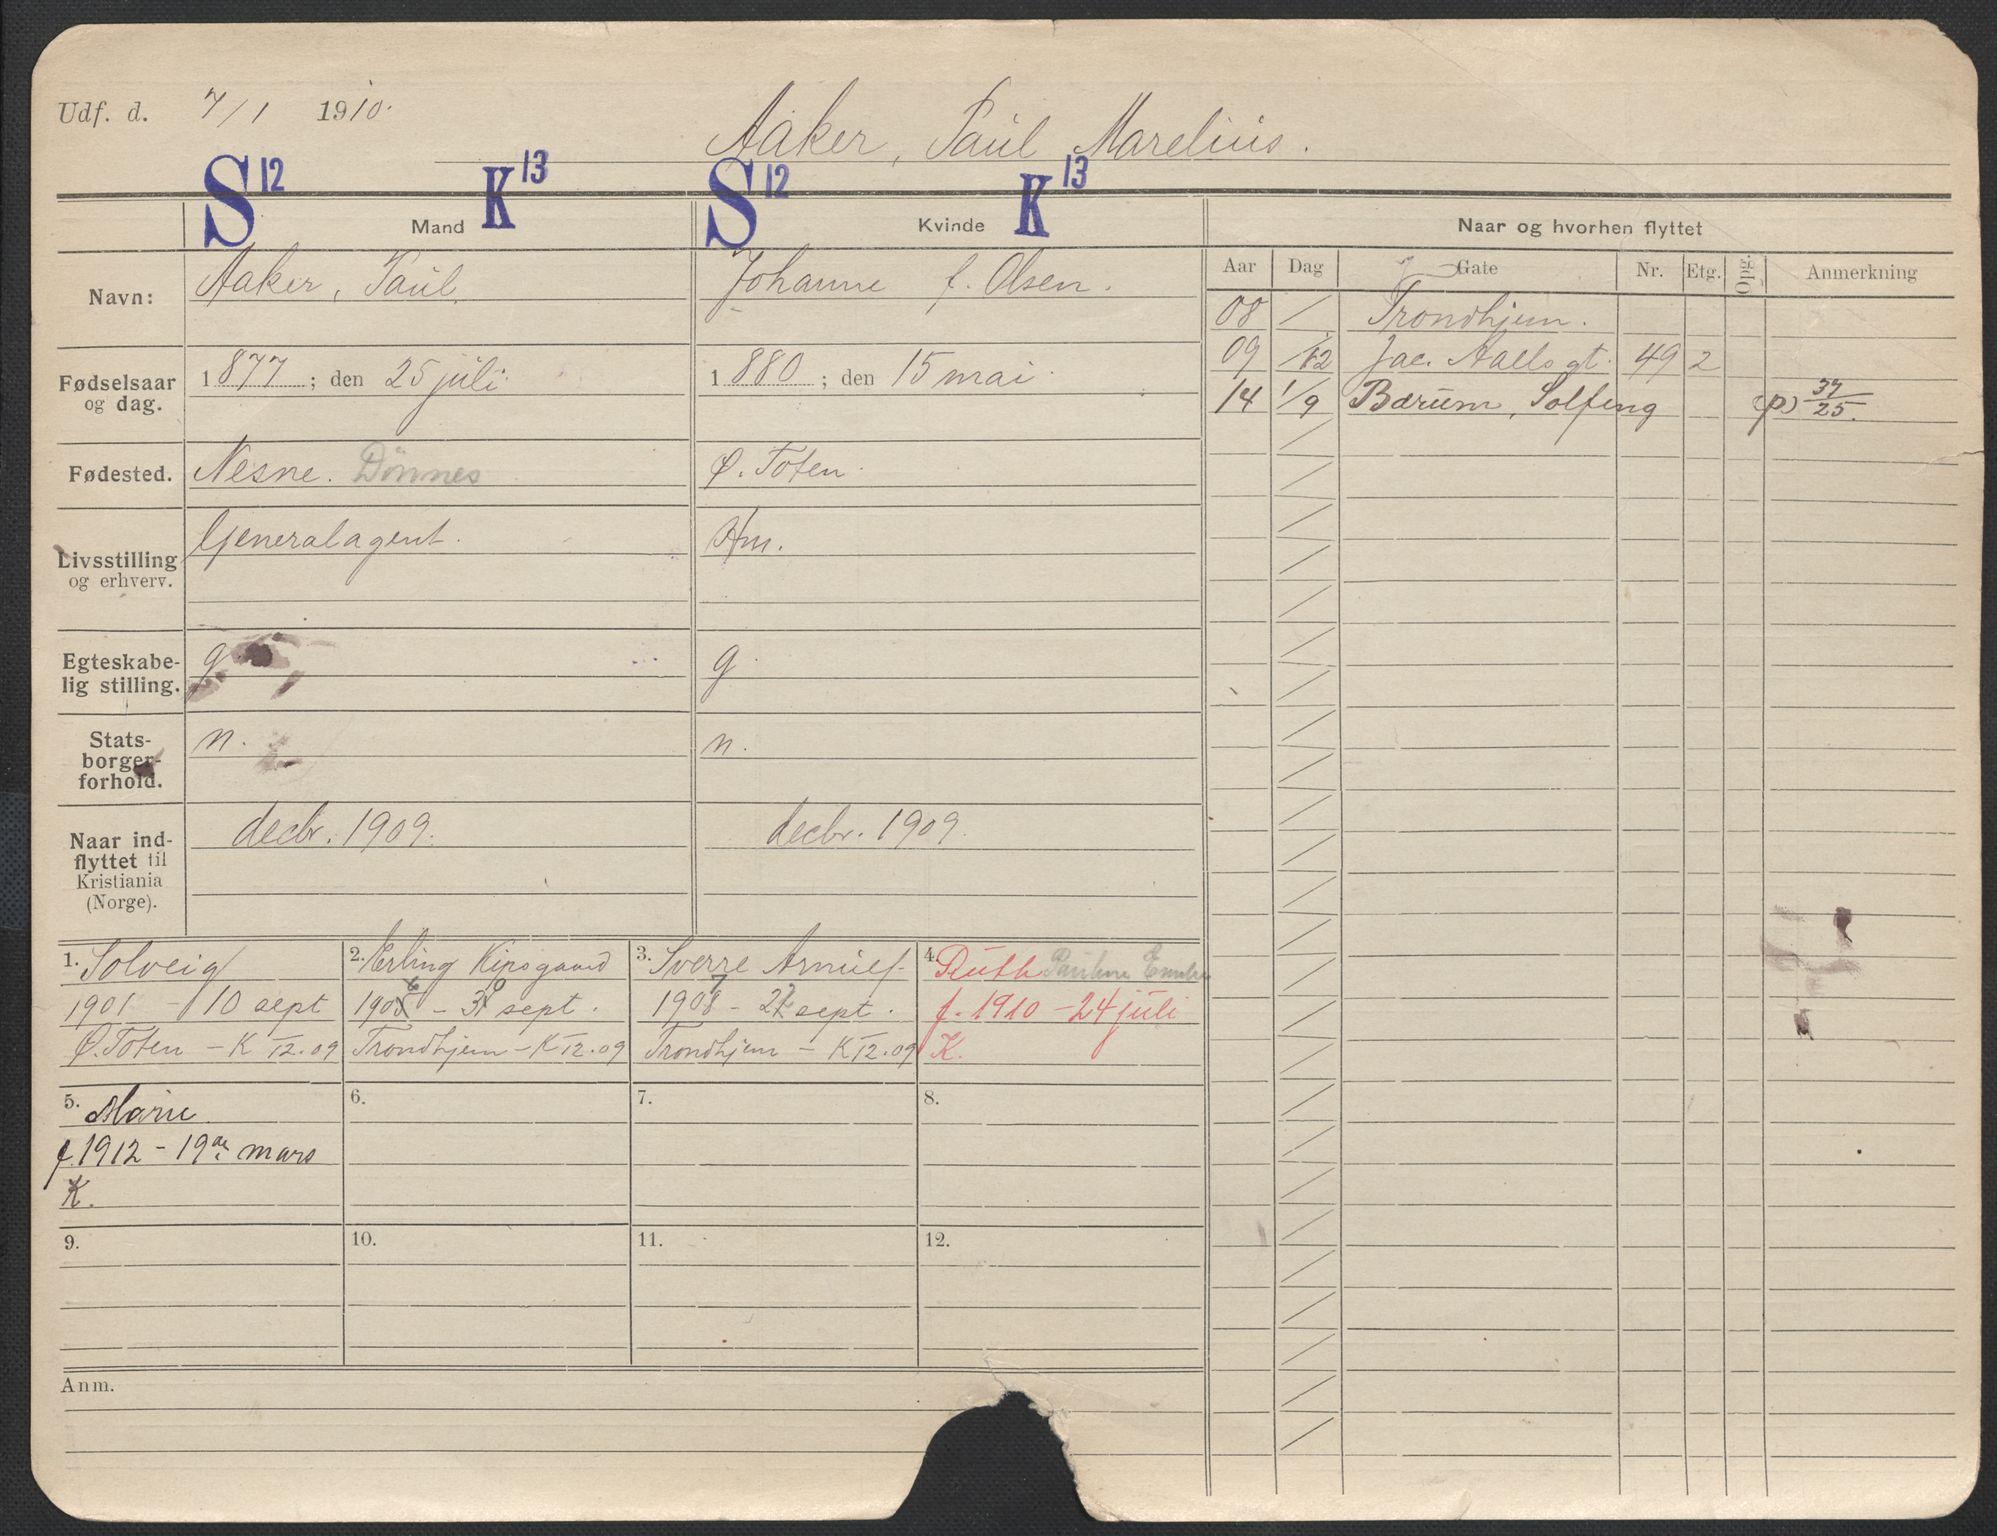 SAO, Oslo folkeregister, Registerkort, F/Fa/Fac/L0011: Menn, 1906-1914, s. 1151a